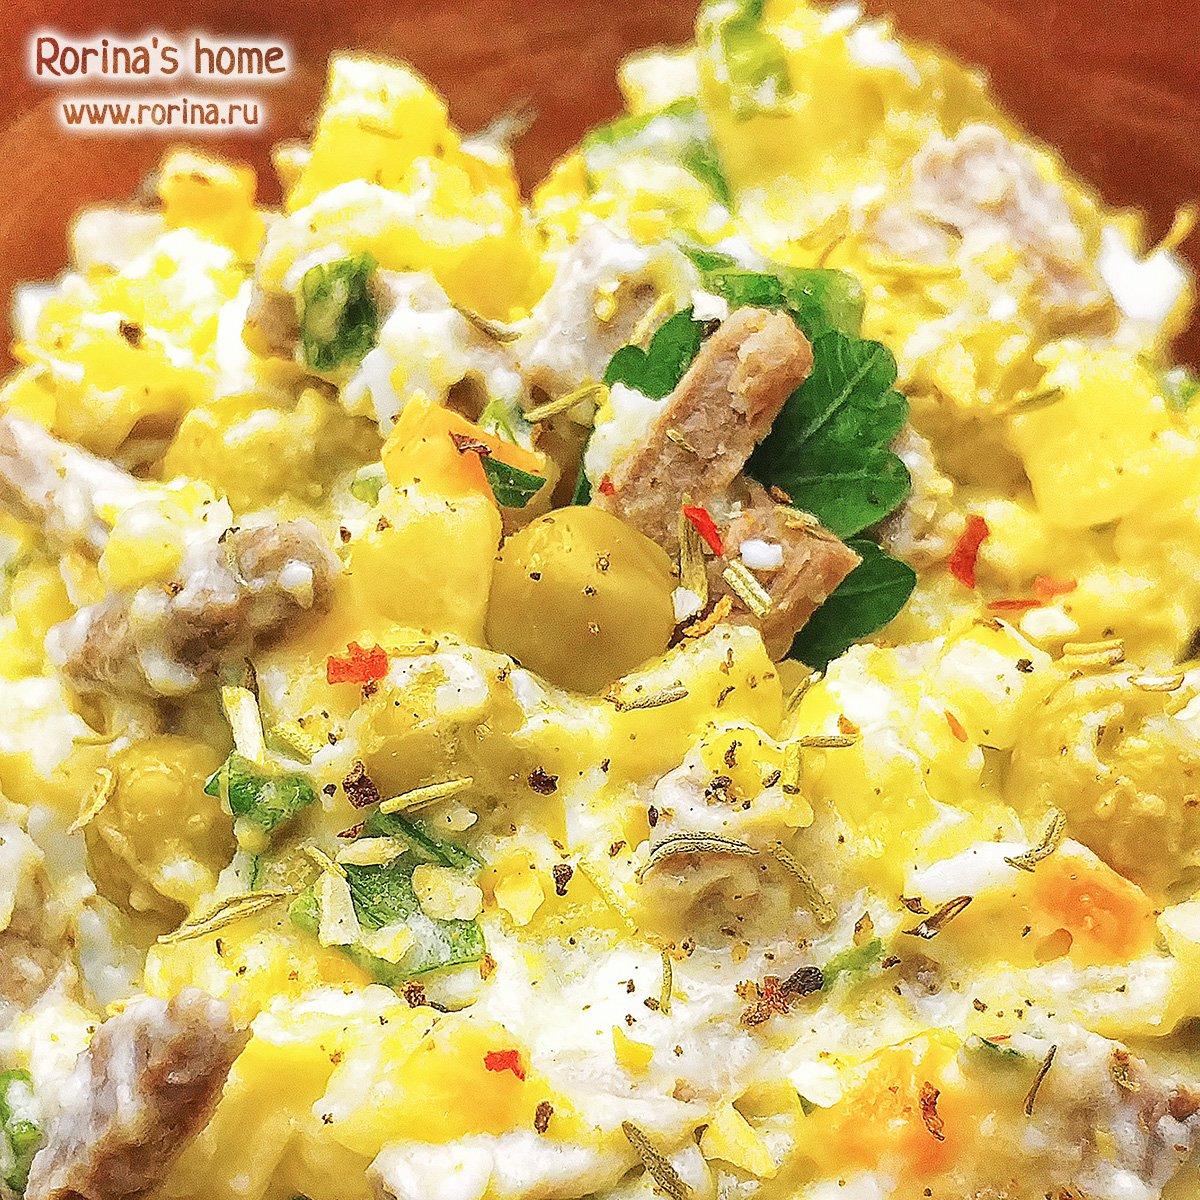 Рецепт салата с крабовыми палочками и кукурузой классический